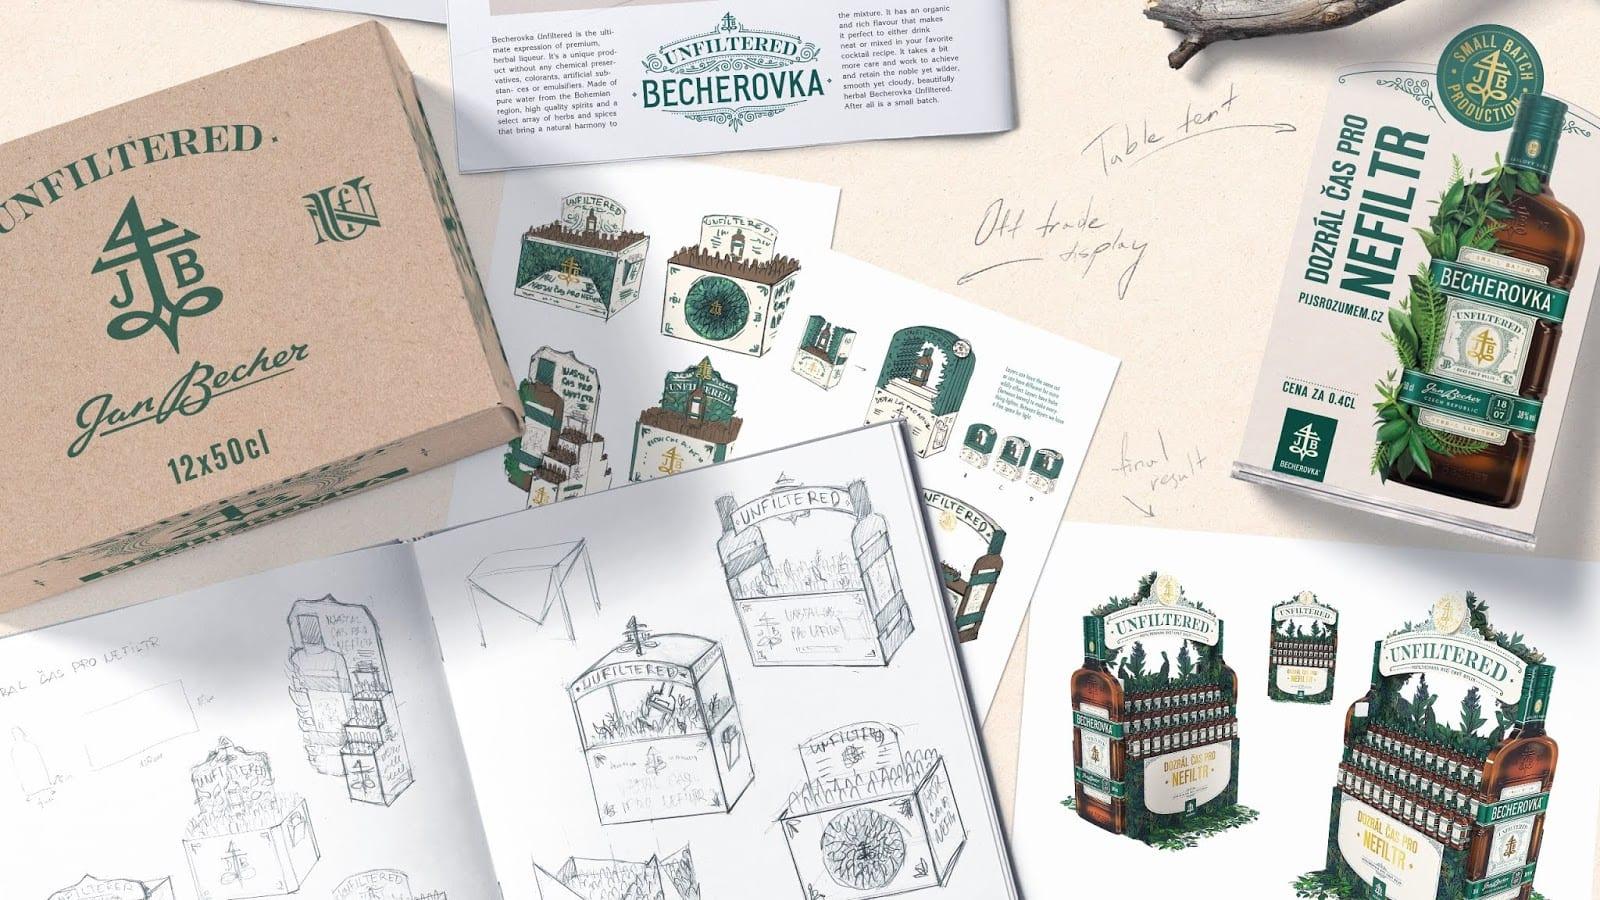 bech unfilt cocoon 06 - Becherovka představila svou premiovou Unfiltered verzi s novým obalem